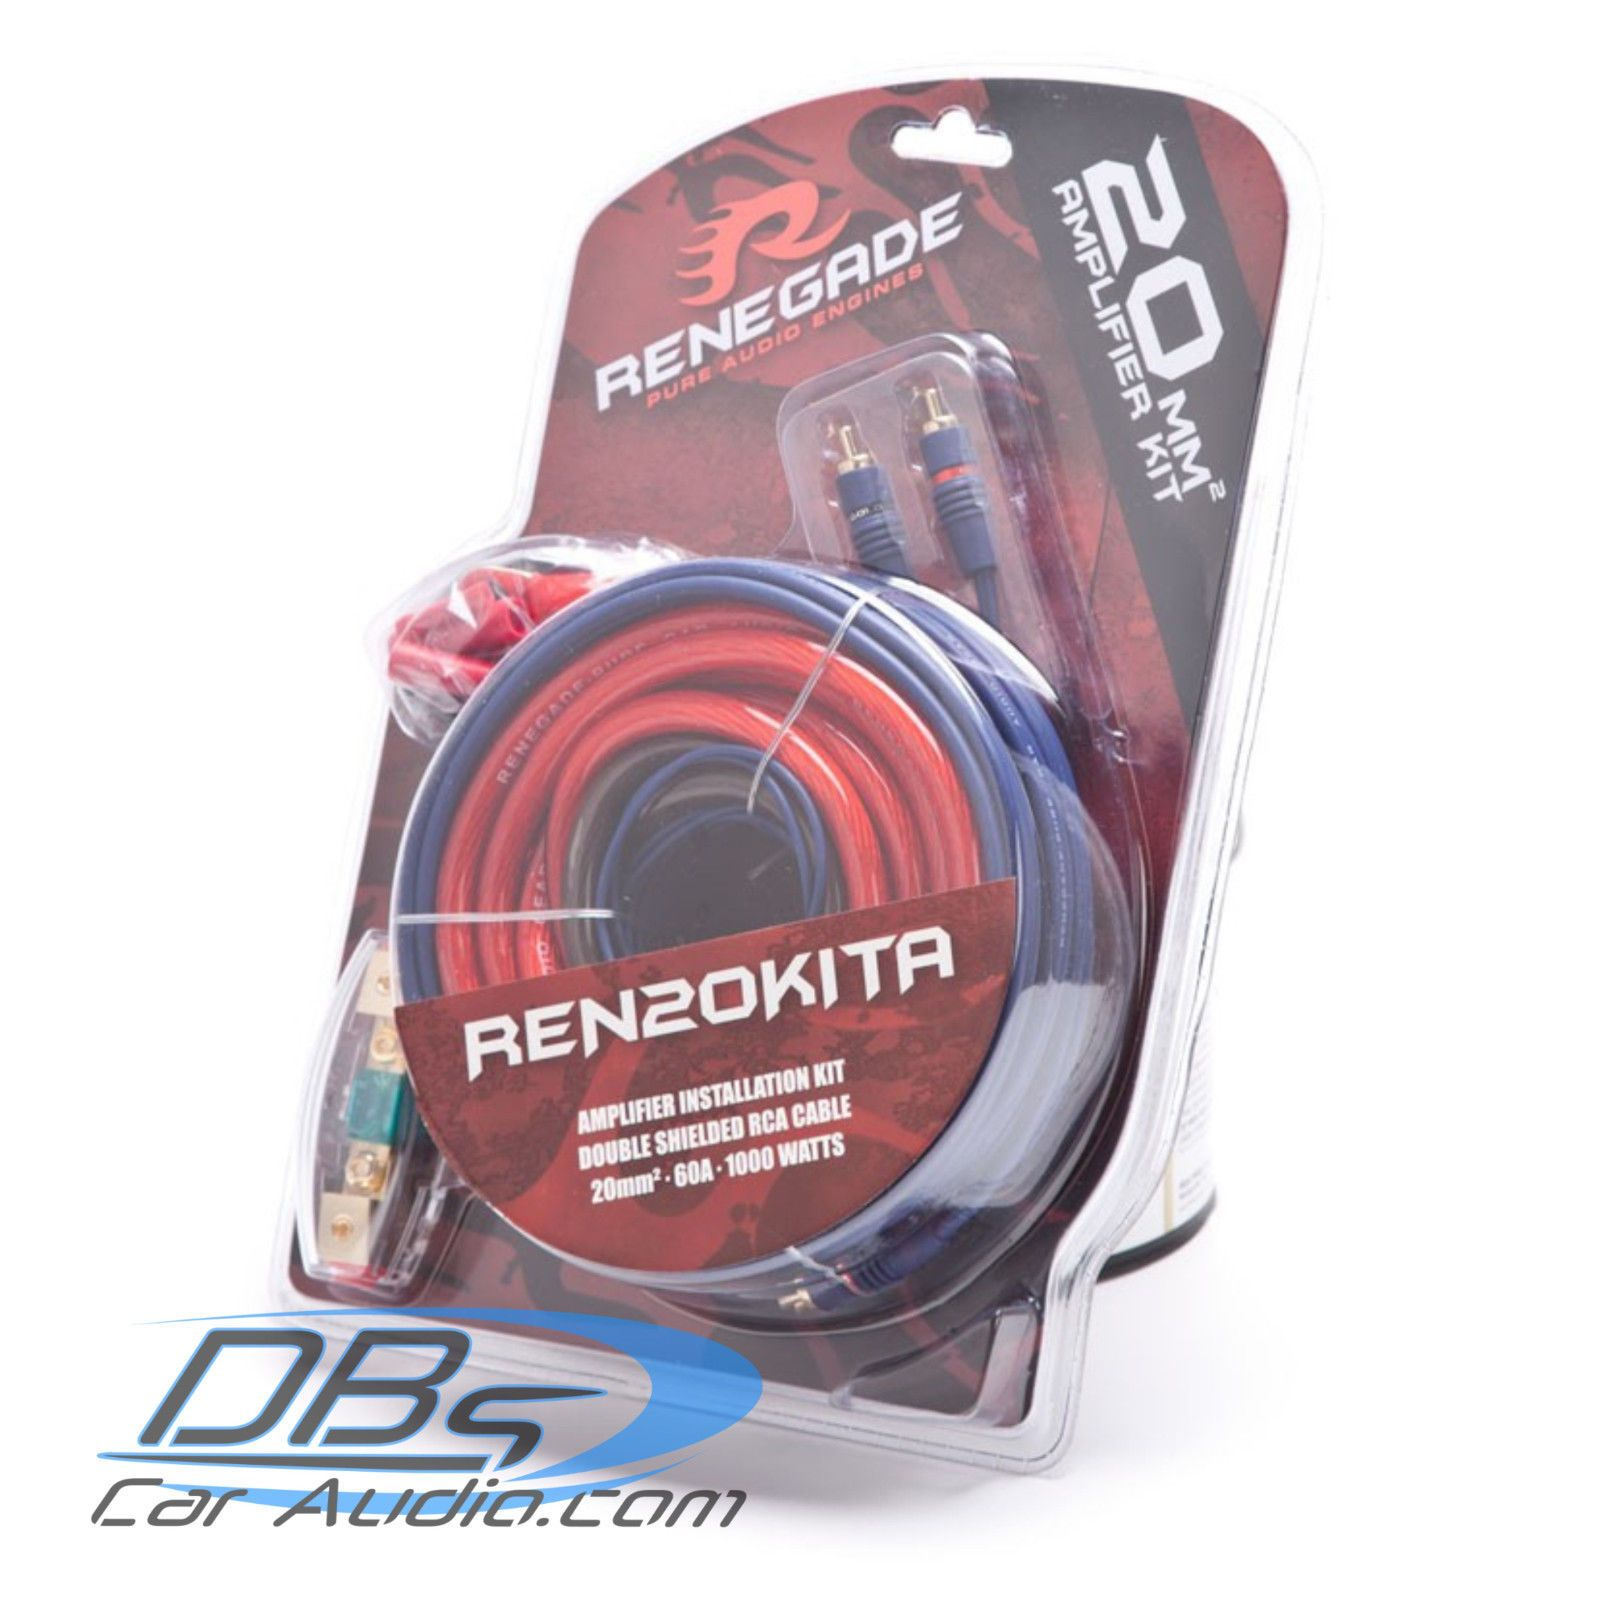 Amplifier Kits Renegade By Rockford Fosgate Ren20kita 4 Gauge Amp Wiring Kit 1000w